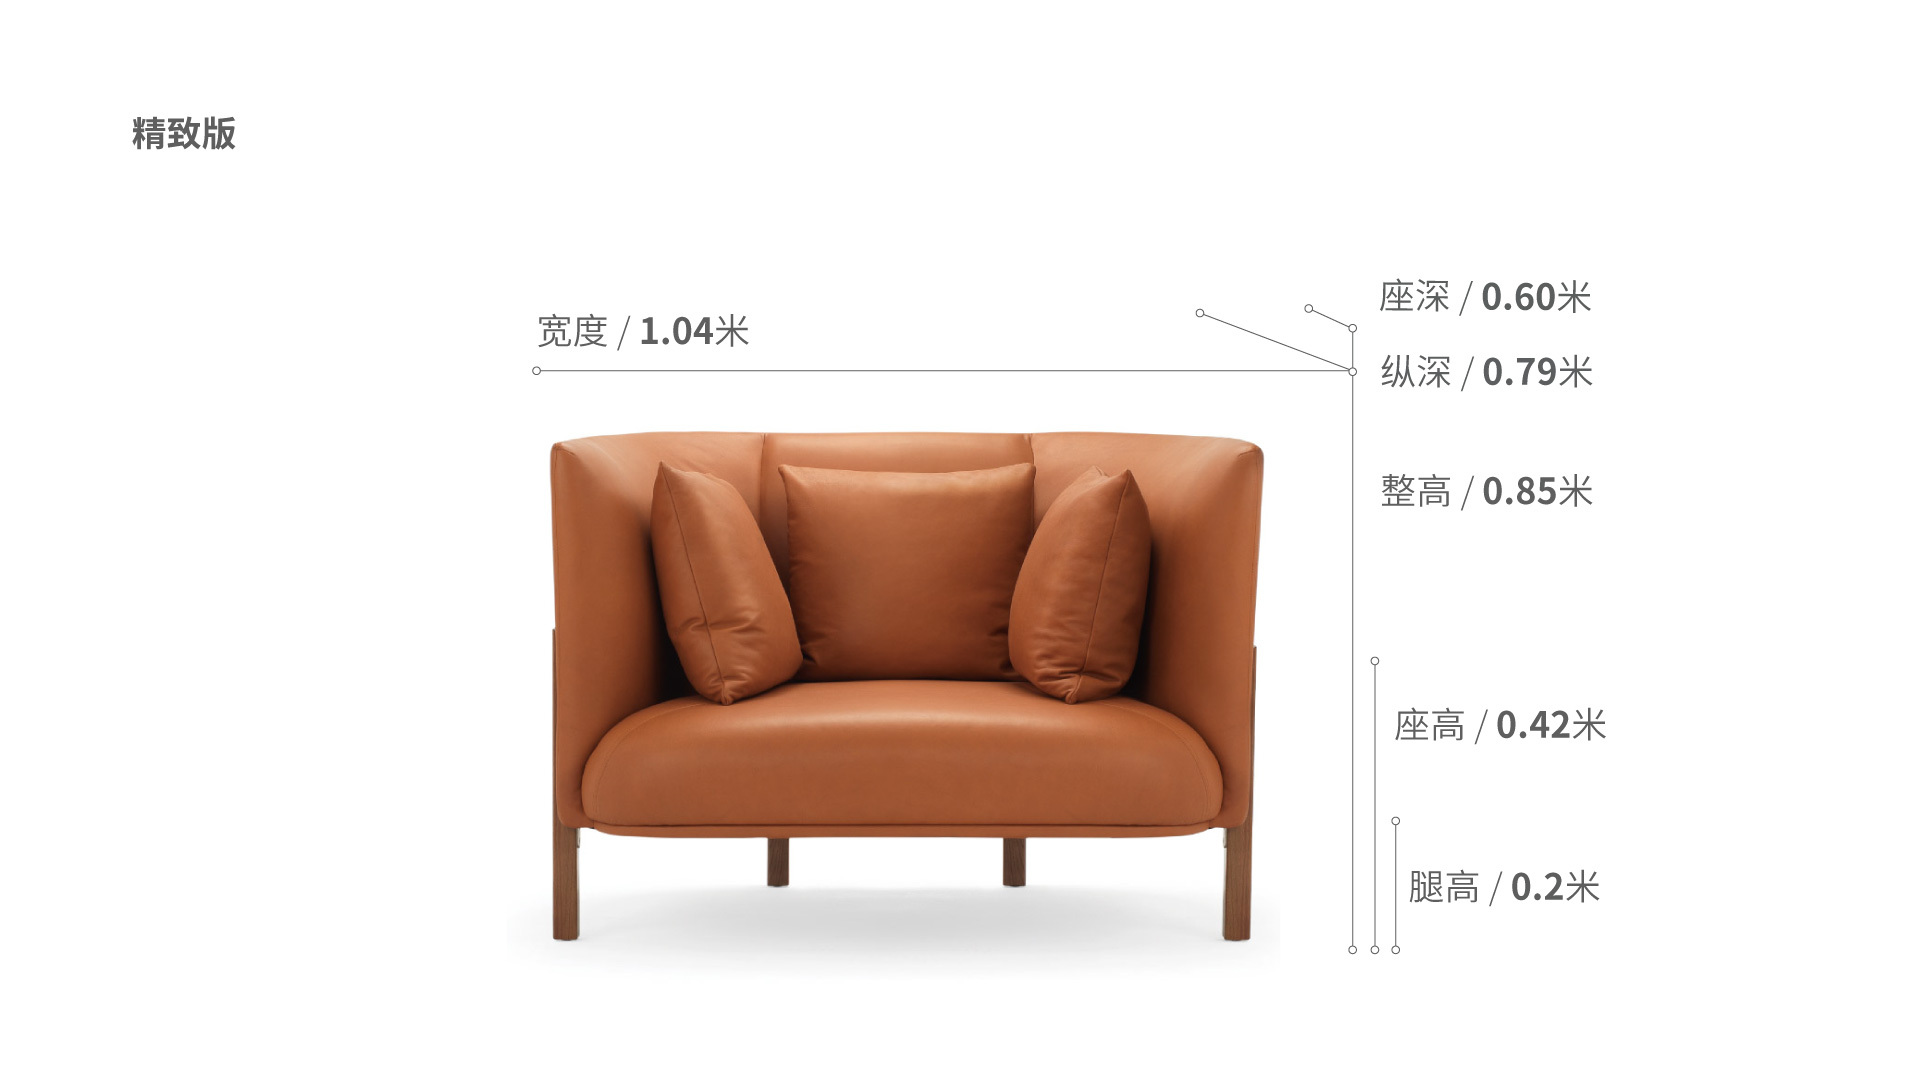 COFA L精致版单人座沙发效果图